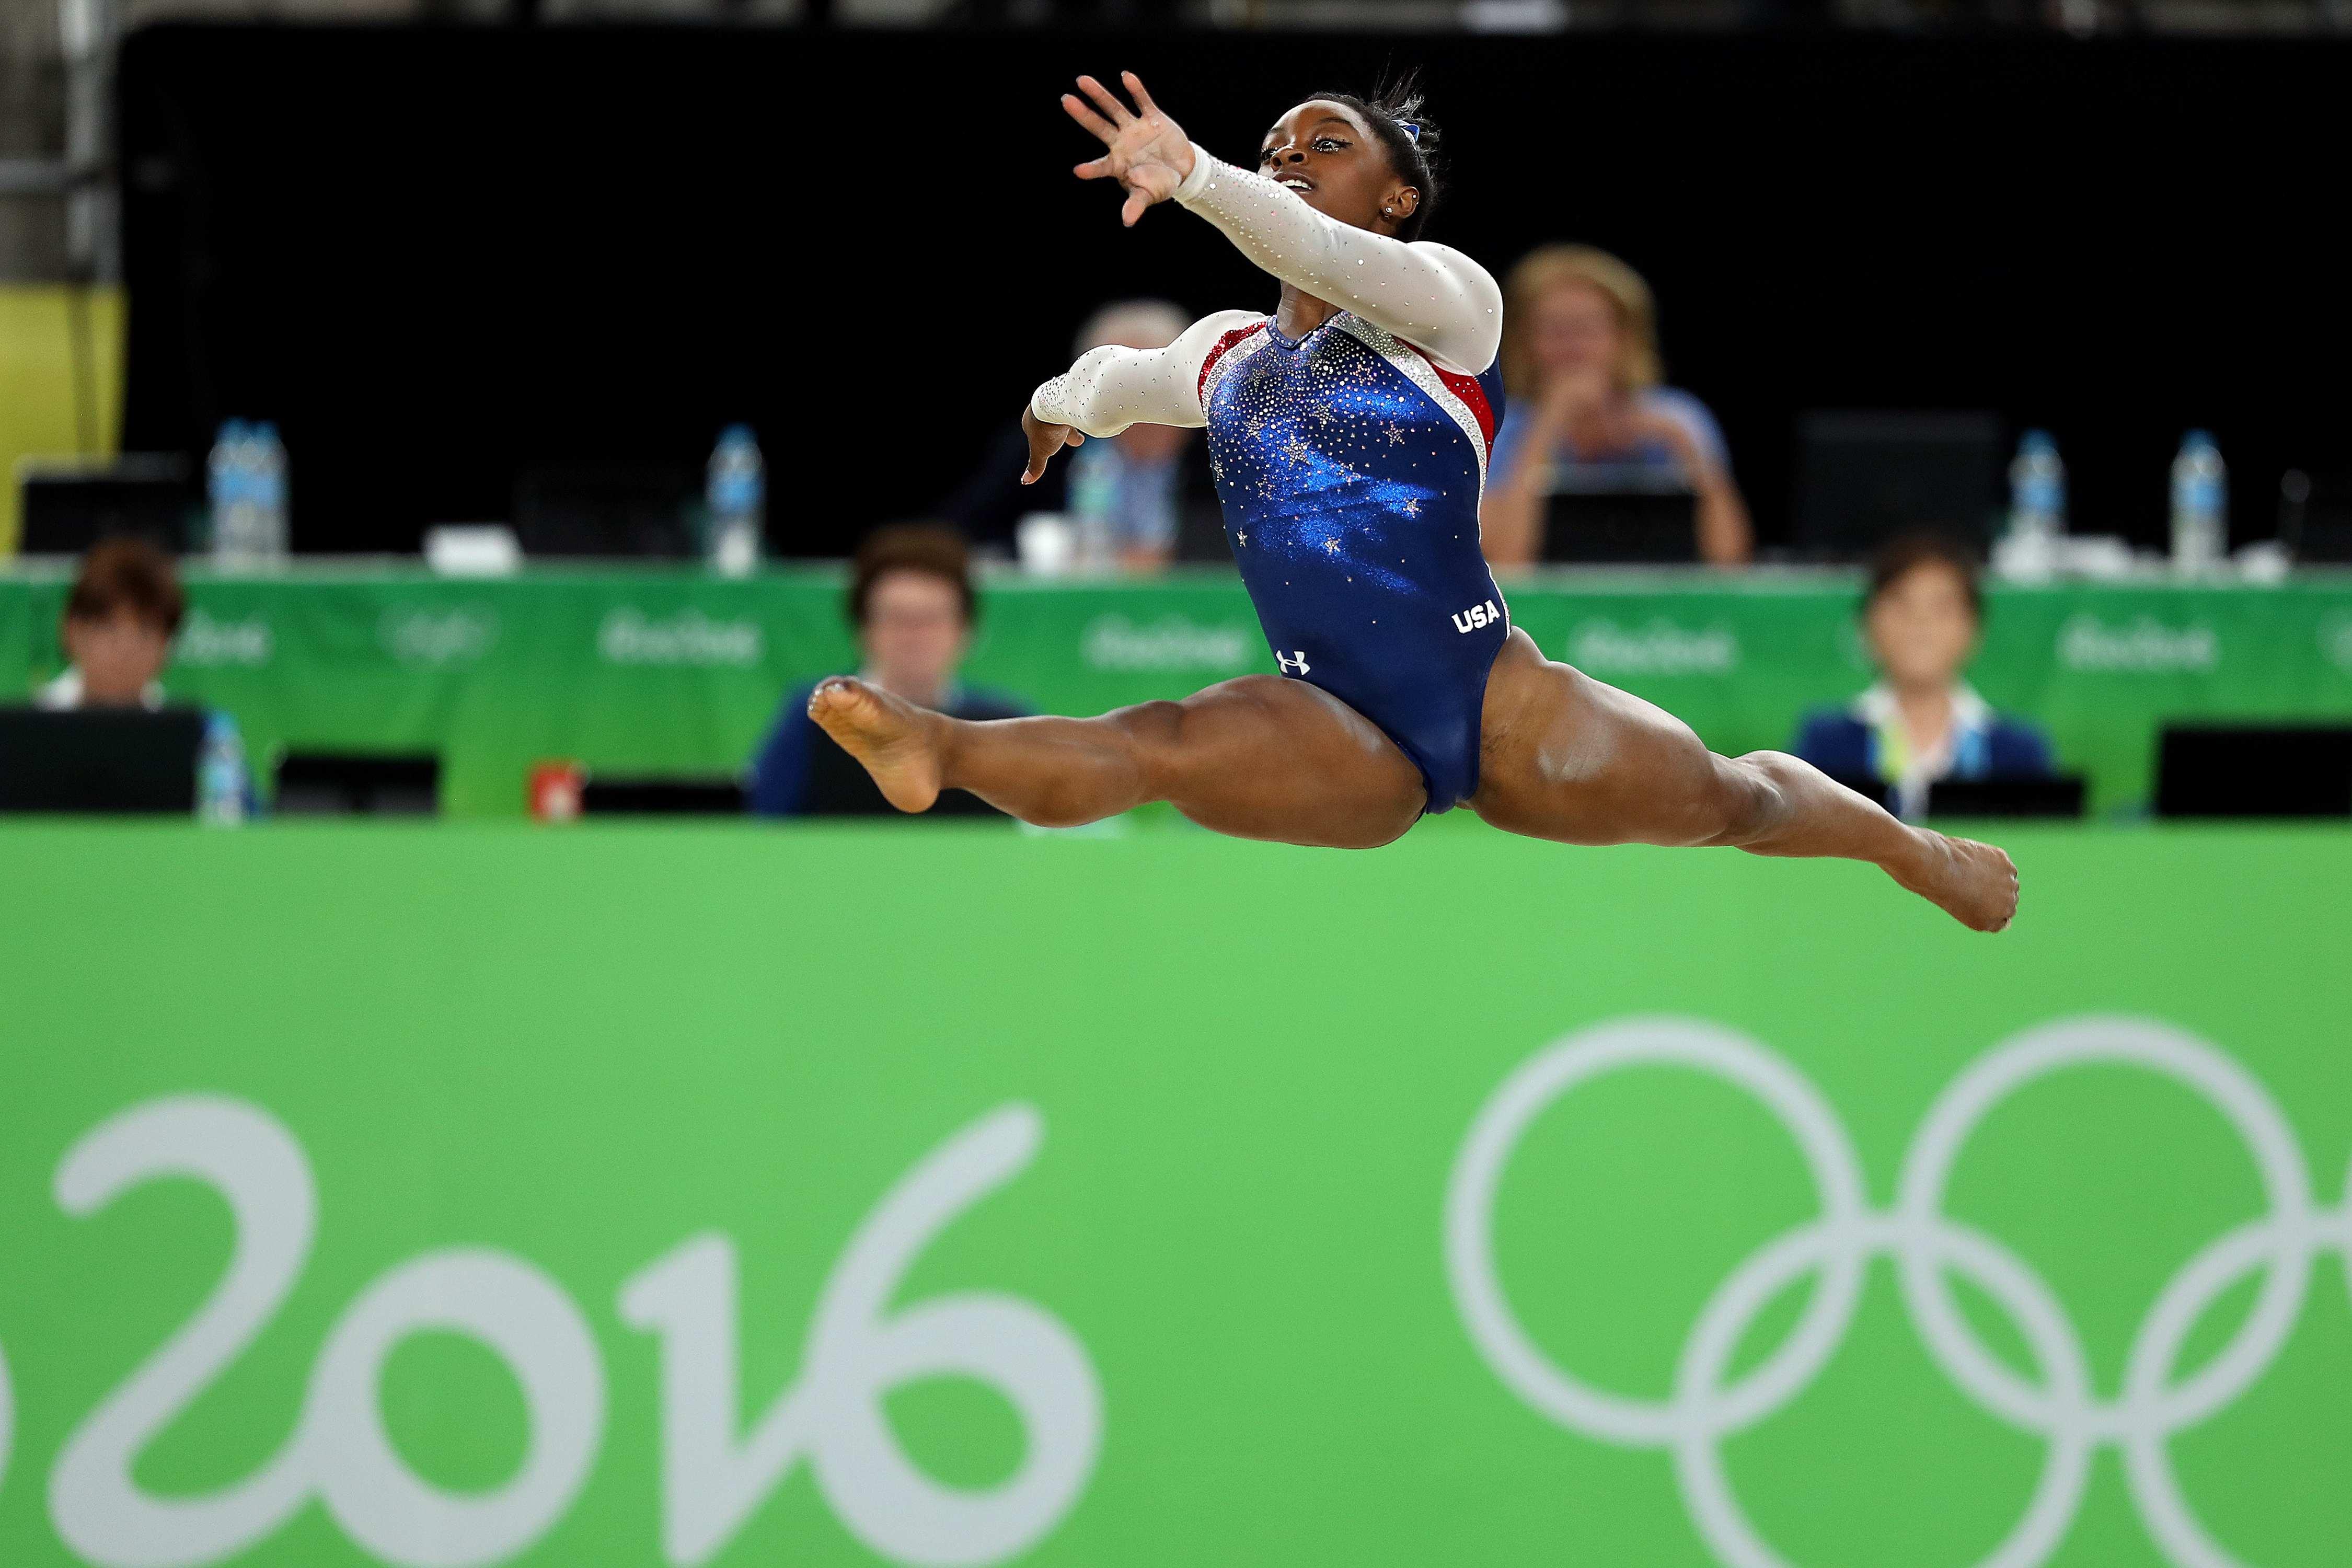 JJOO334. RÍO DE JANEIRO (BRASIL), 11/08/2016.- La gimnasta estadounidense Simone Biles, ganadora de la medalla de oro, participa en la competencia múltiple femenina de gimnasia artística hoy, jueves 11 de agosto de 2016, en las Olimpiadas Río 2016, en la Arena Olímpica de Río de Janeiro (Brasil). EFE/Marcelo Sayão